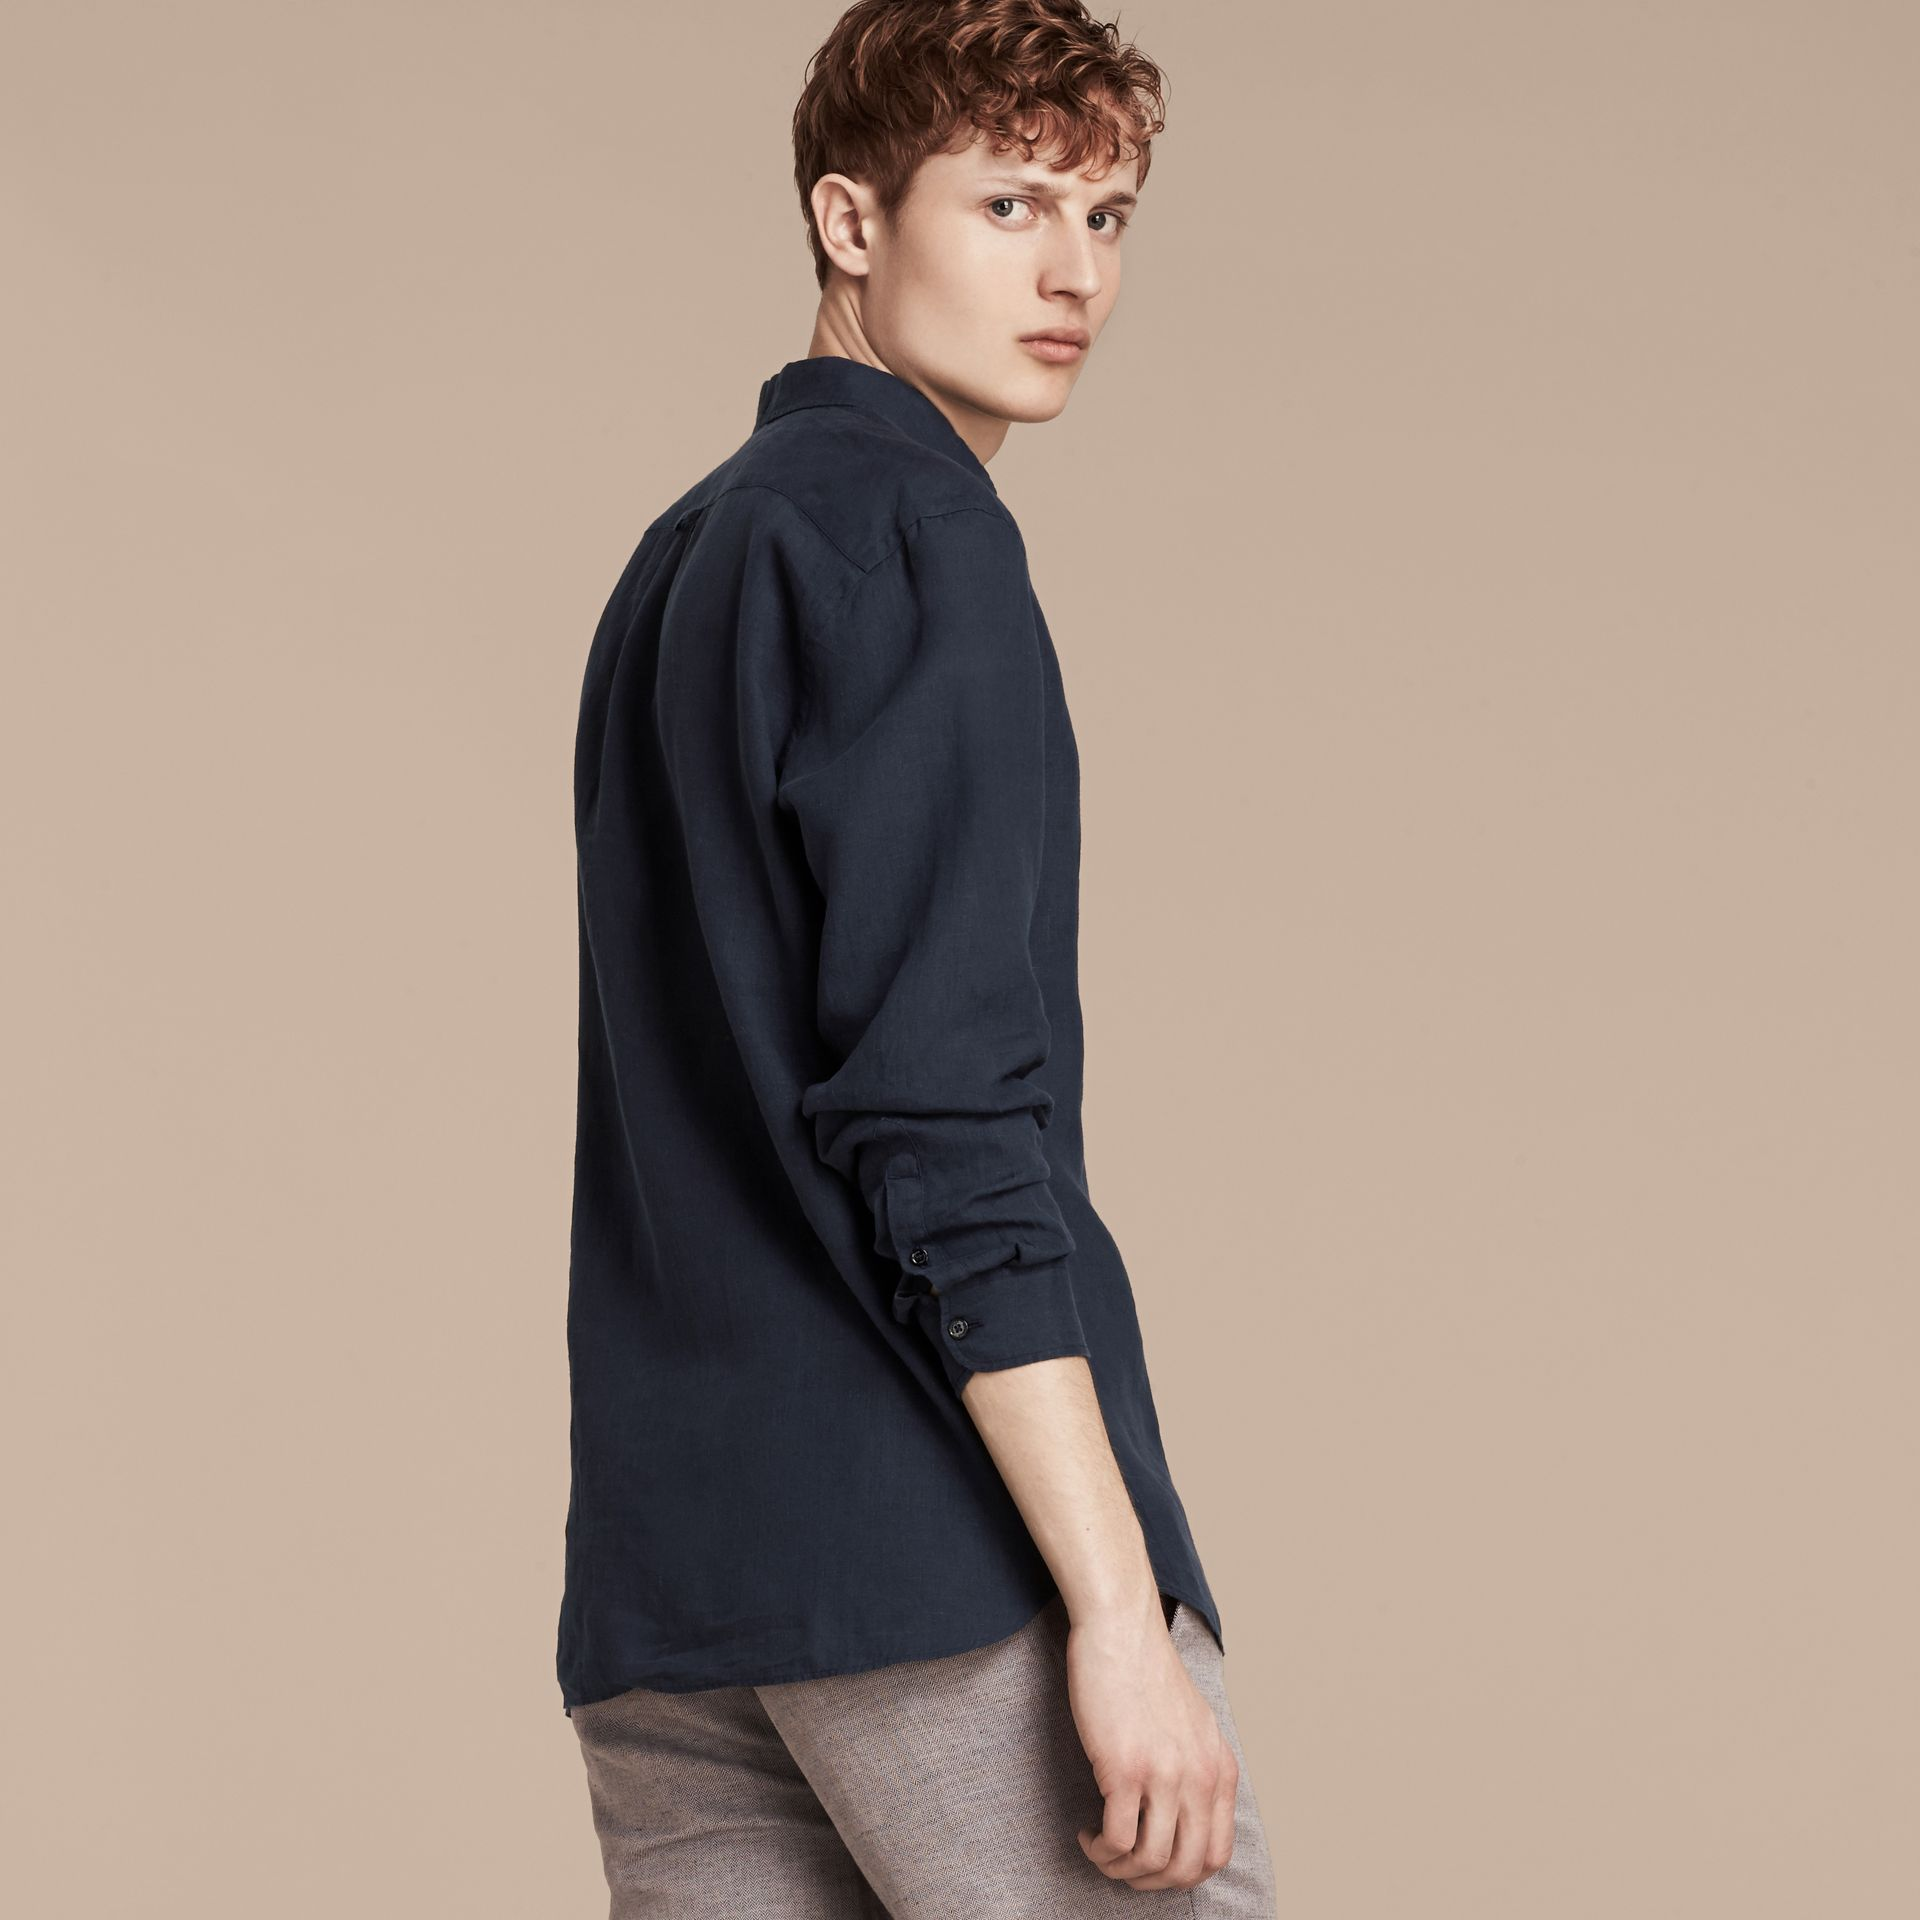 Синий Рубашка с воротником на пуговицах Синий - изображение 2